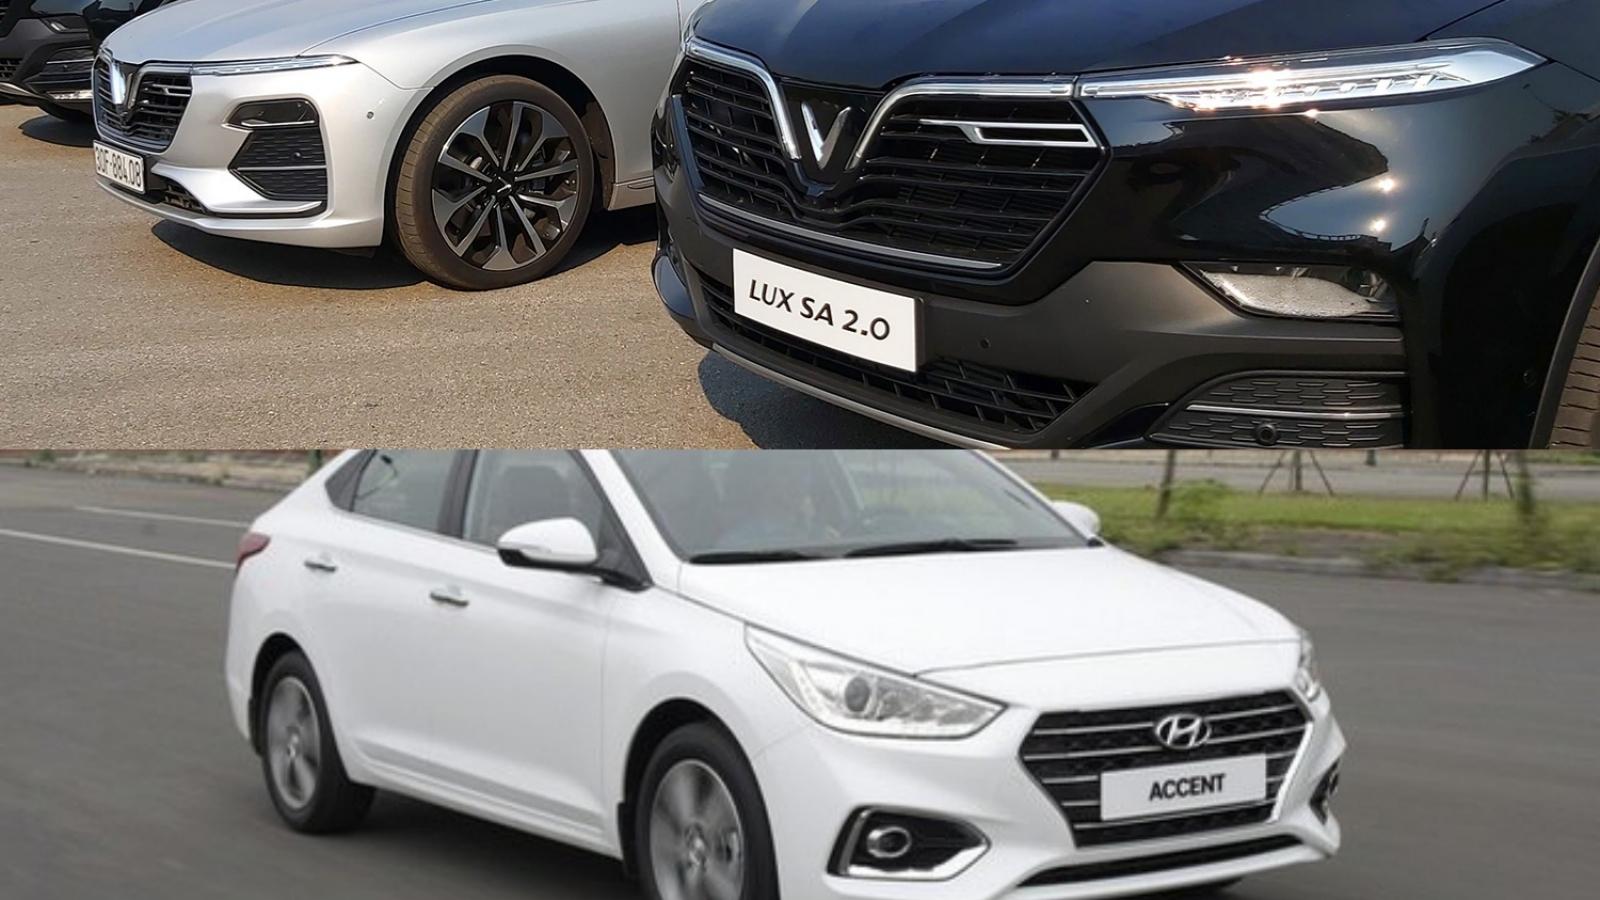 10 mẫu xe bán chạy nhất tháng 9: Gọi tên Hyundai và VinFast